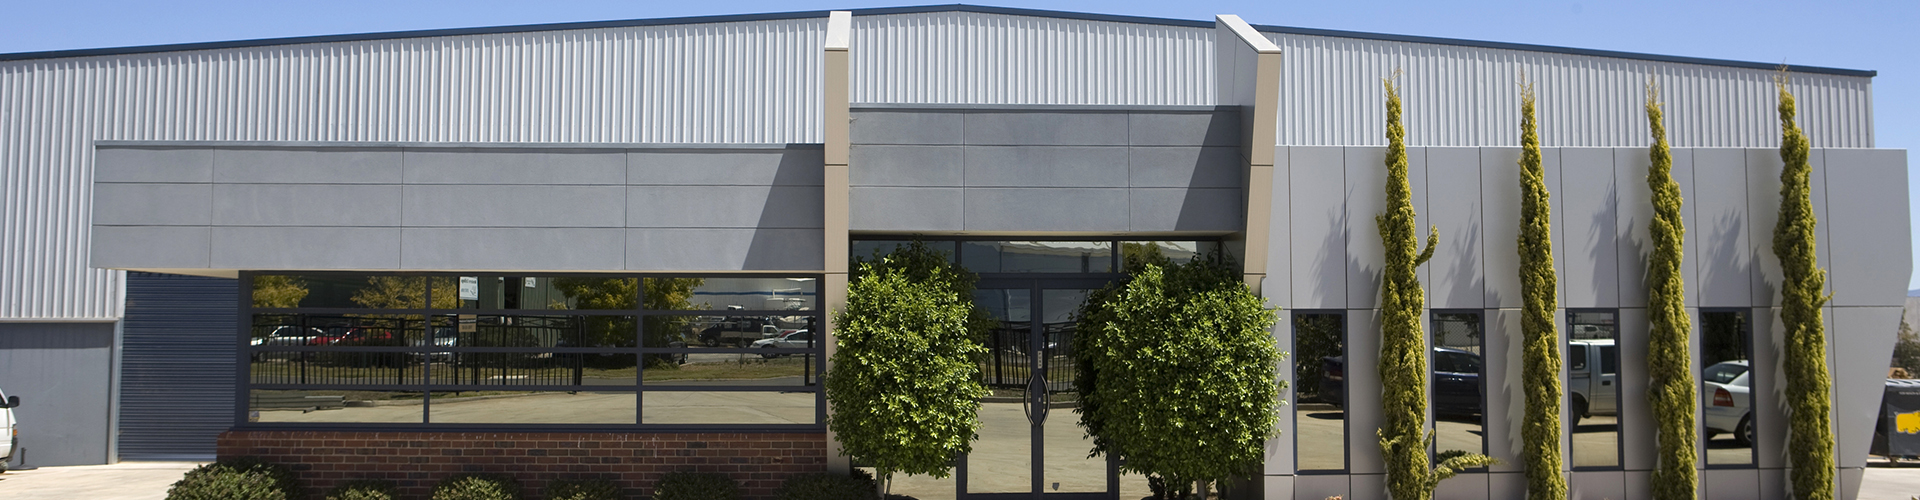 Best Building Supplies Melbourne